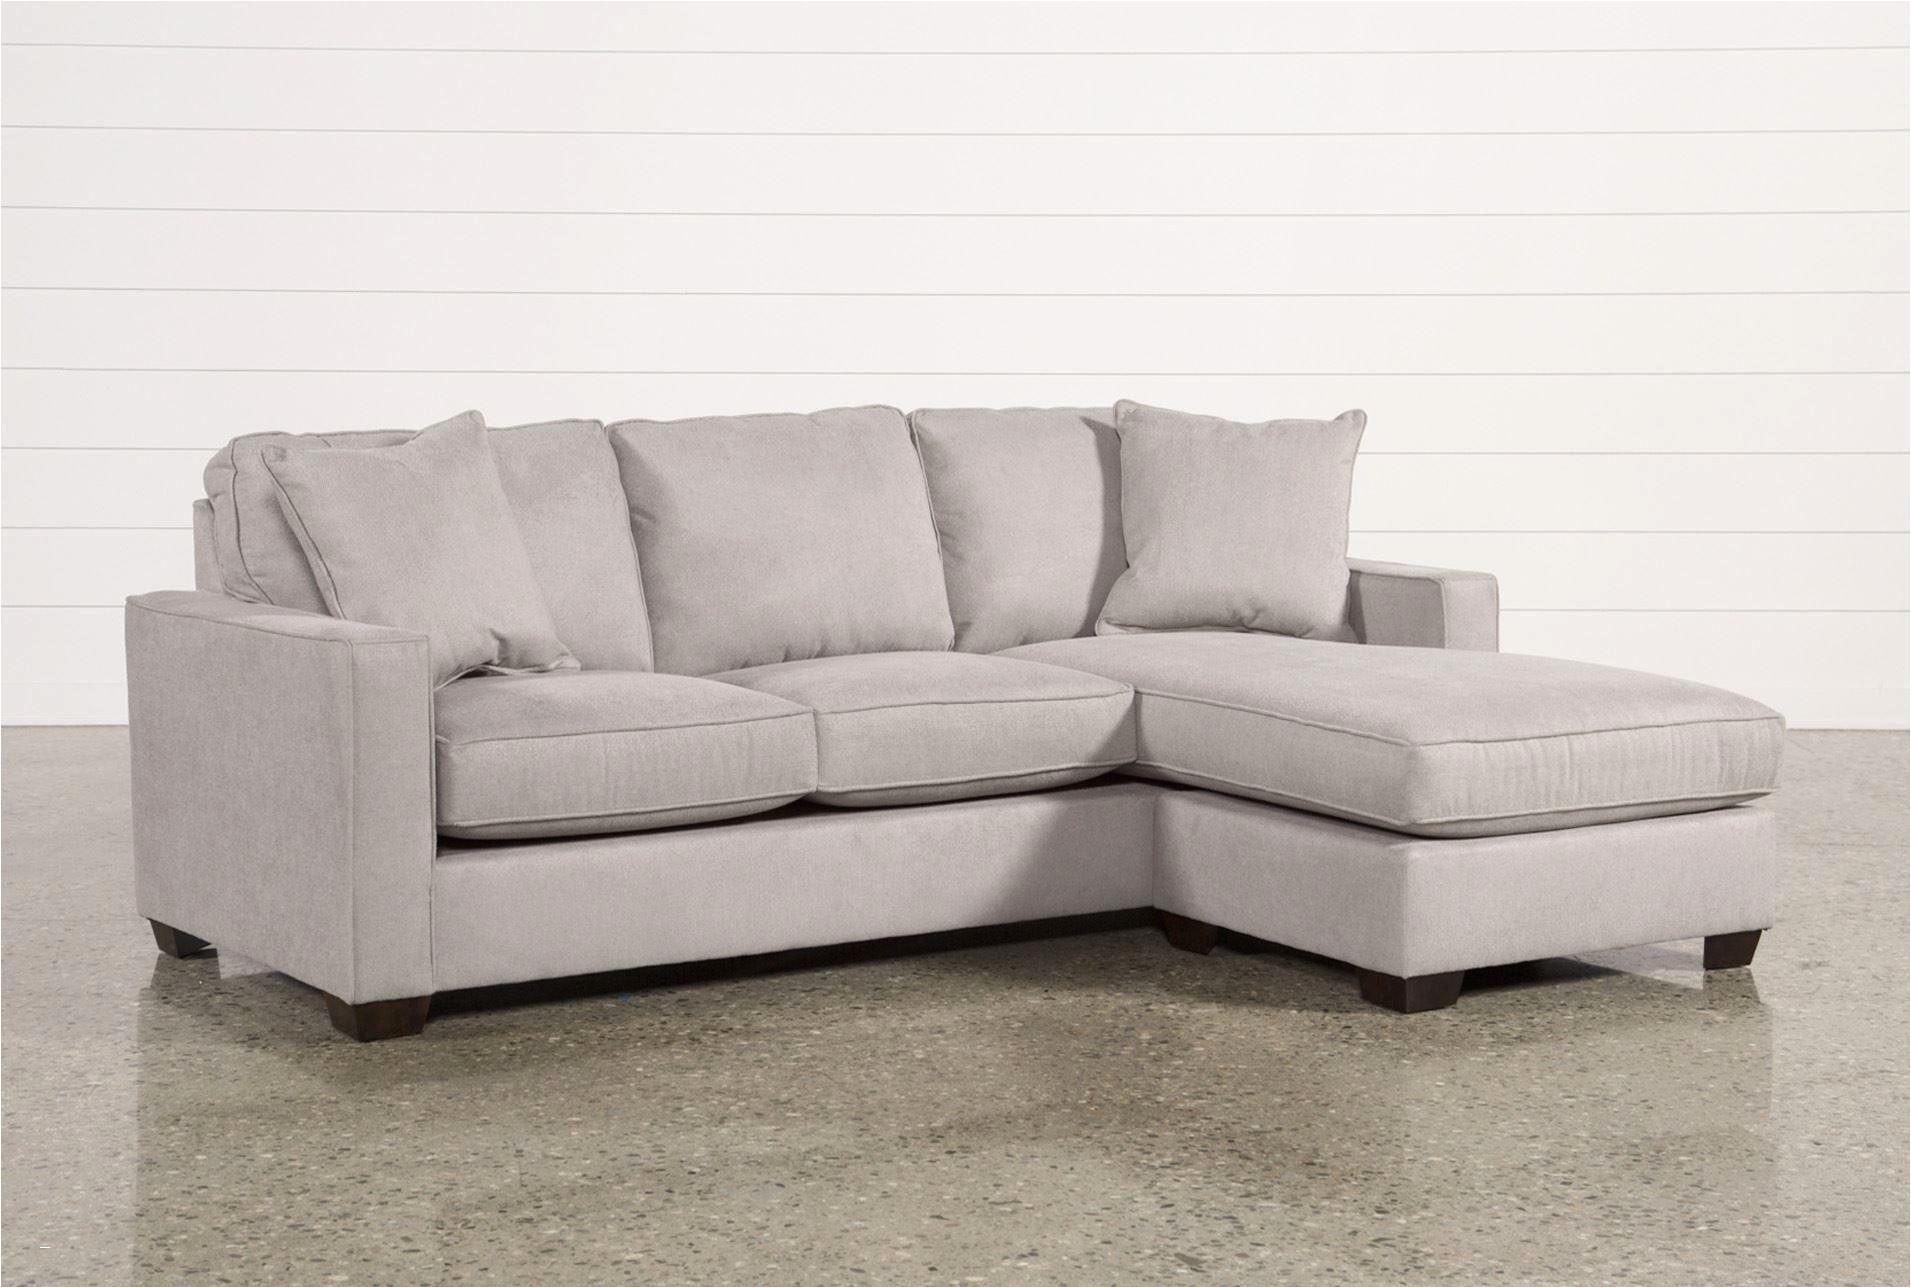 Friheten sofa Bed Ikea Reviews Ikea Schlafsofa Friheten Luxus 50 Beautiful Ikea Friheten sofa Bed